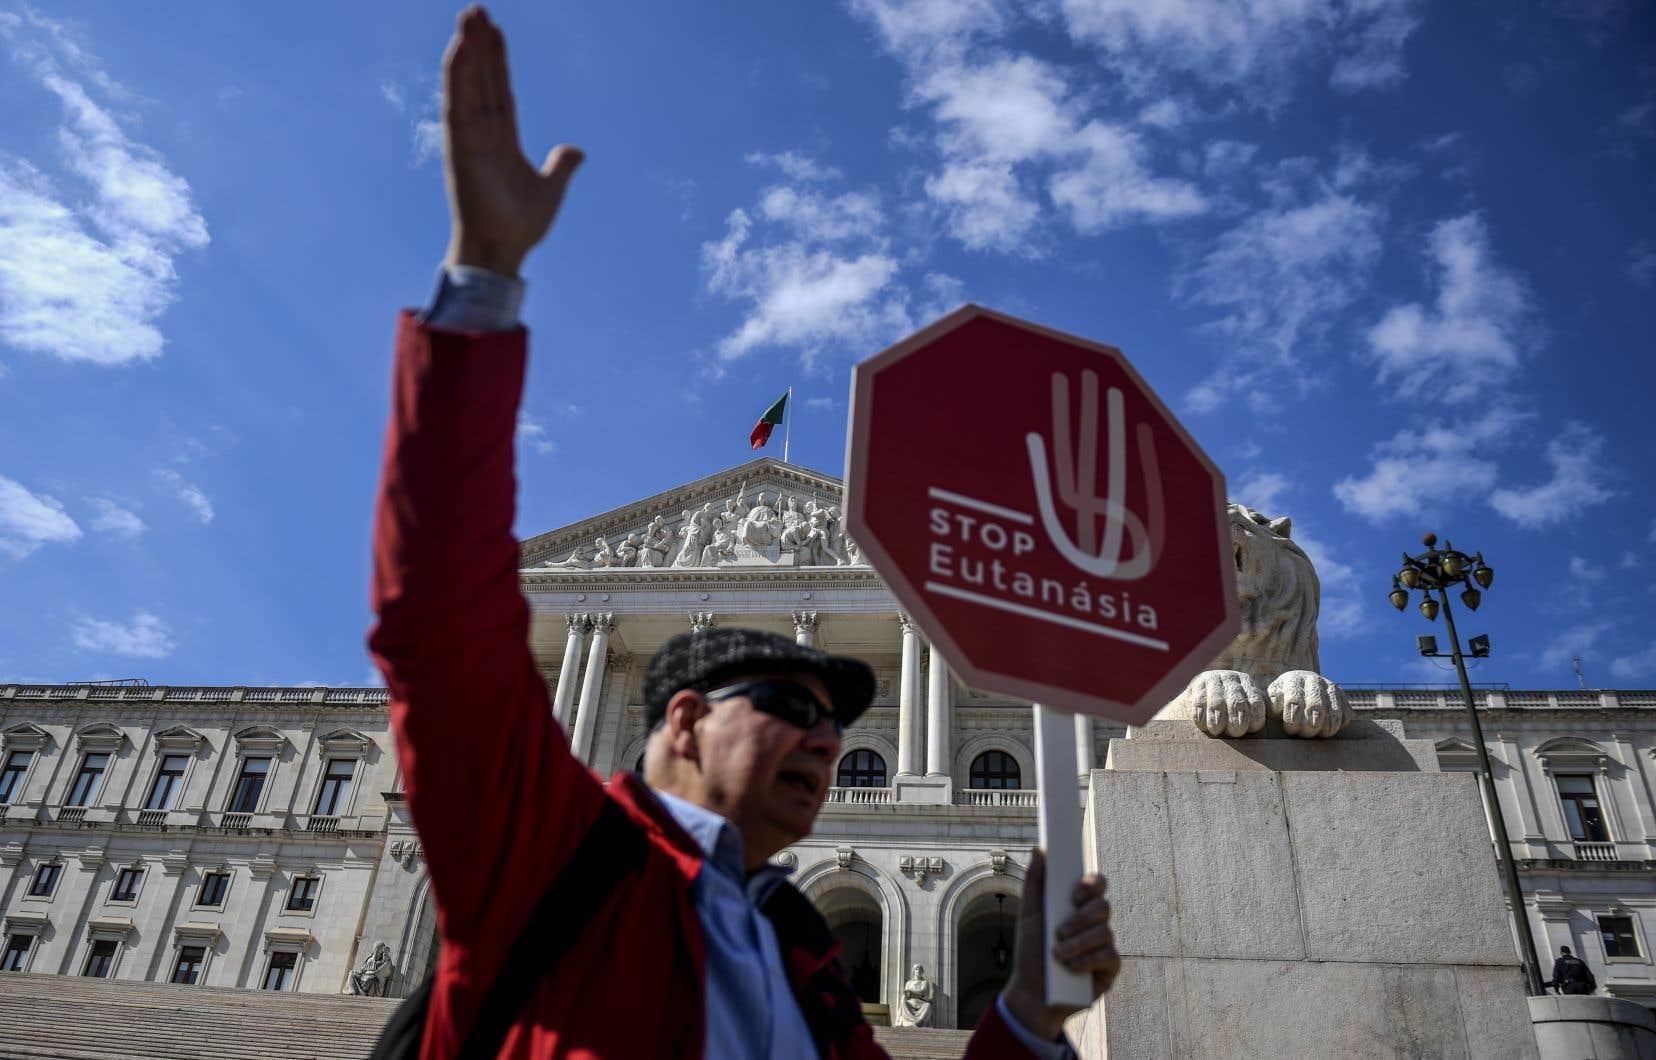 Des centaines de personnes ont manifesté devant l'Assemblée à l'appel de plusieurs organisations opposées à l'euthanasie, criant «Oui à la vie, non à la mort».